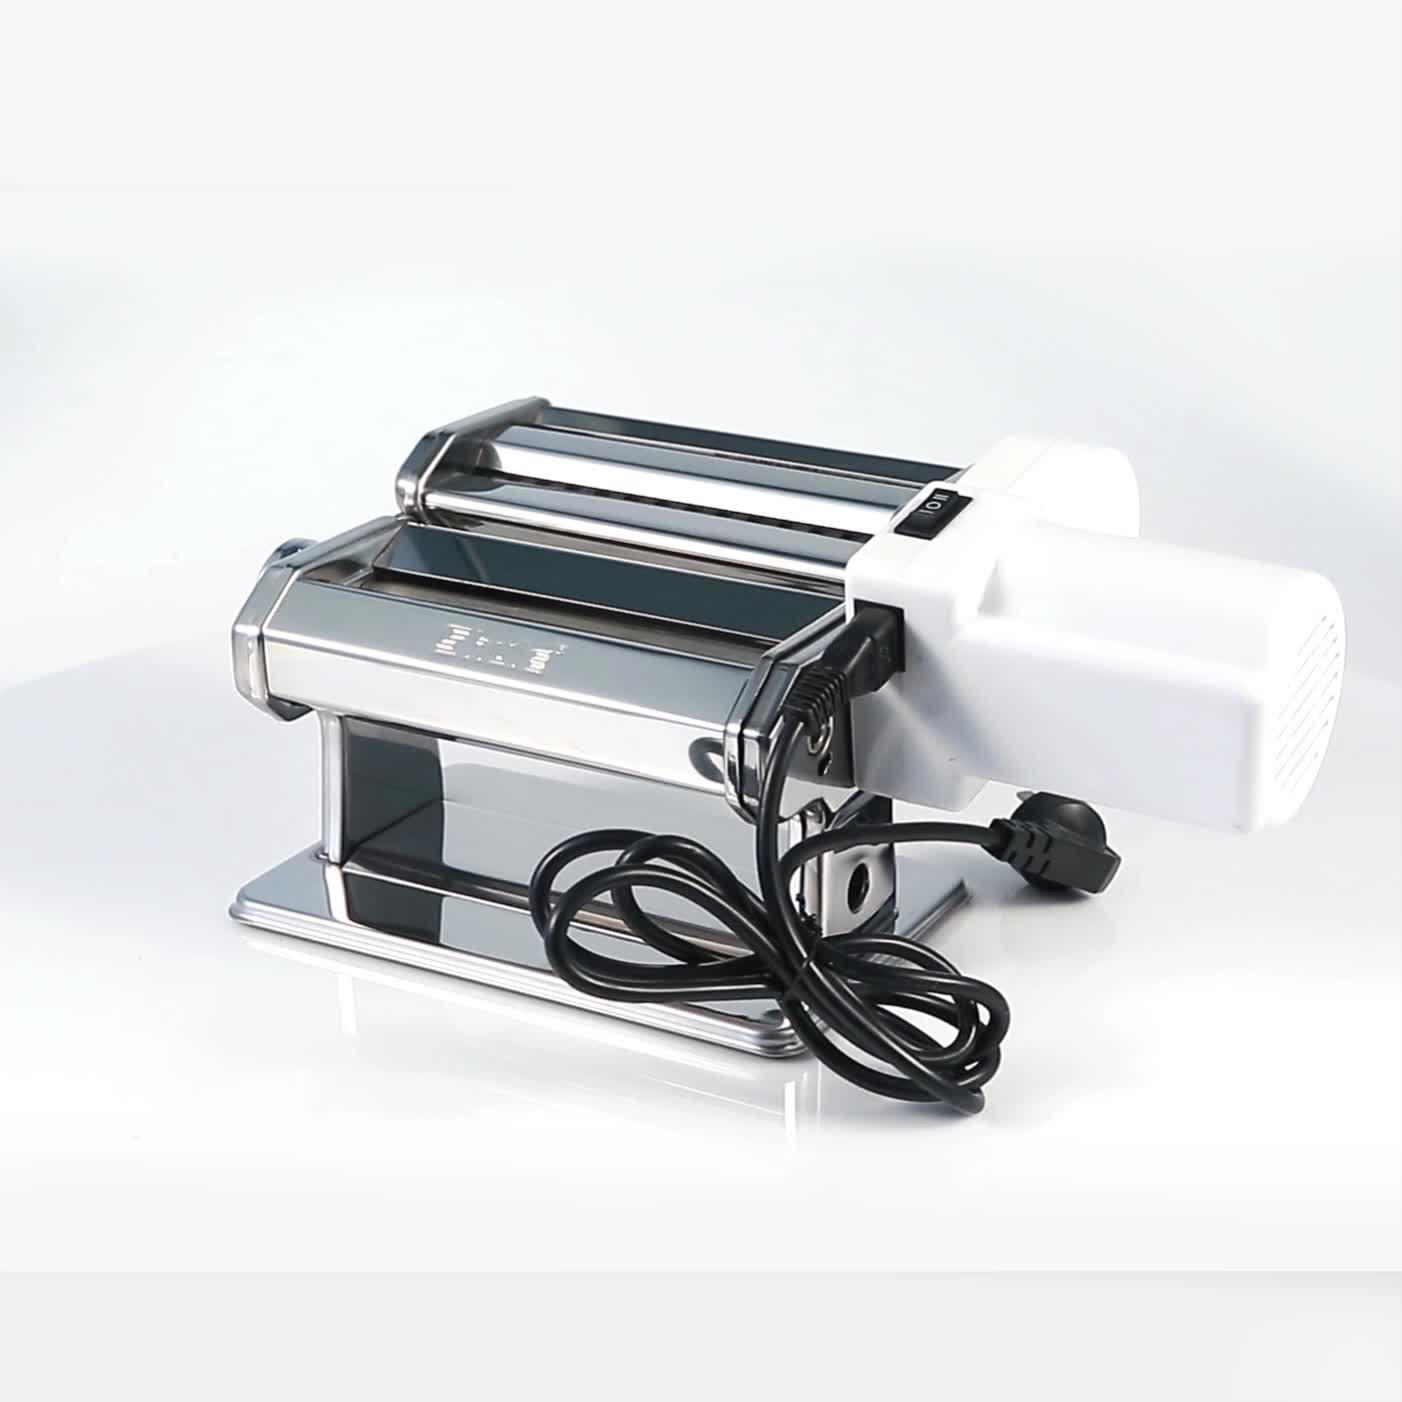 คลาสสิกไฟฟ้า Professional สดเครื่องทำพาสต้าเครื่องมอเตอร์ราคาสำหรับร้านอาหาร